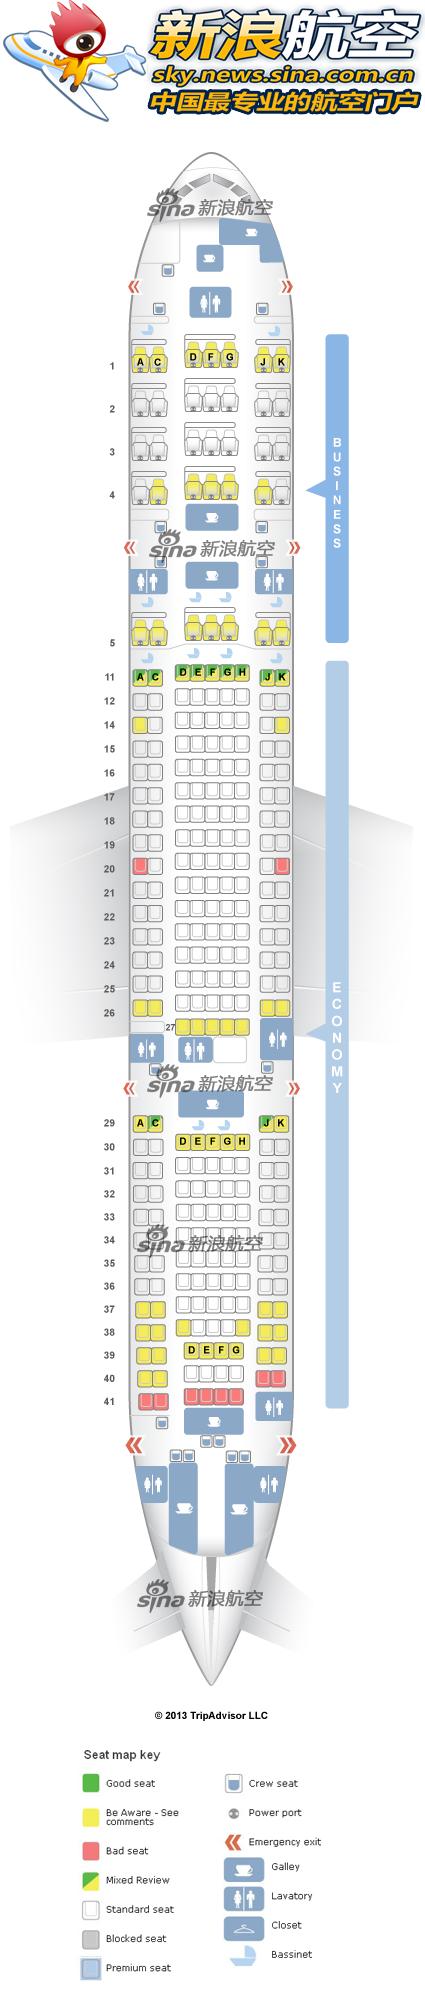 马来西亚航空波音777-200客机座舱布局图